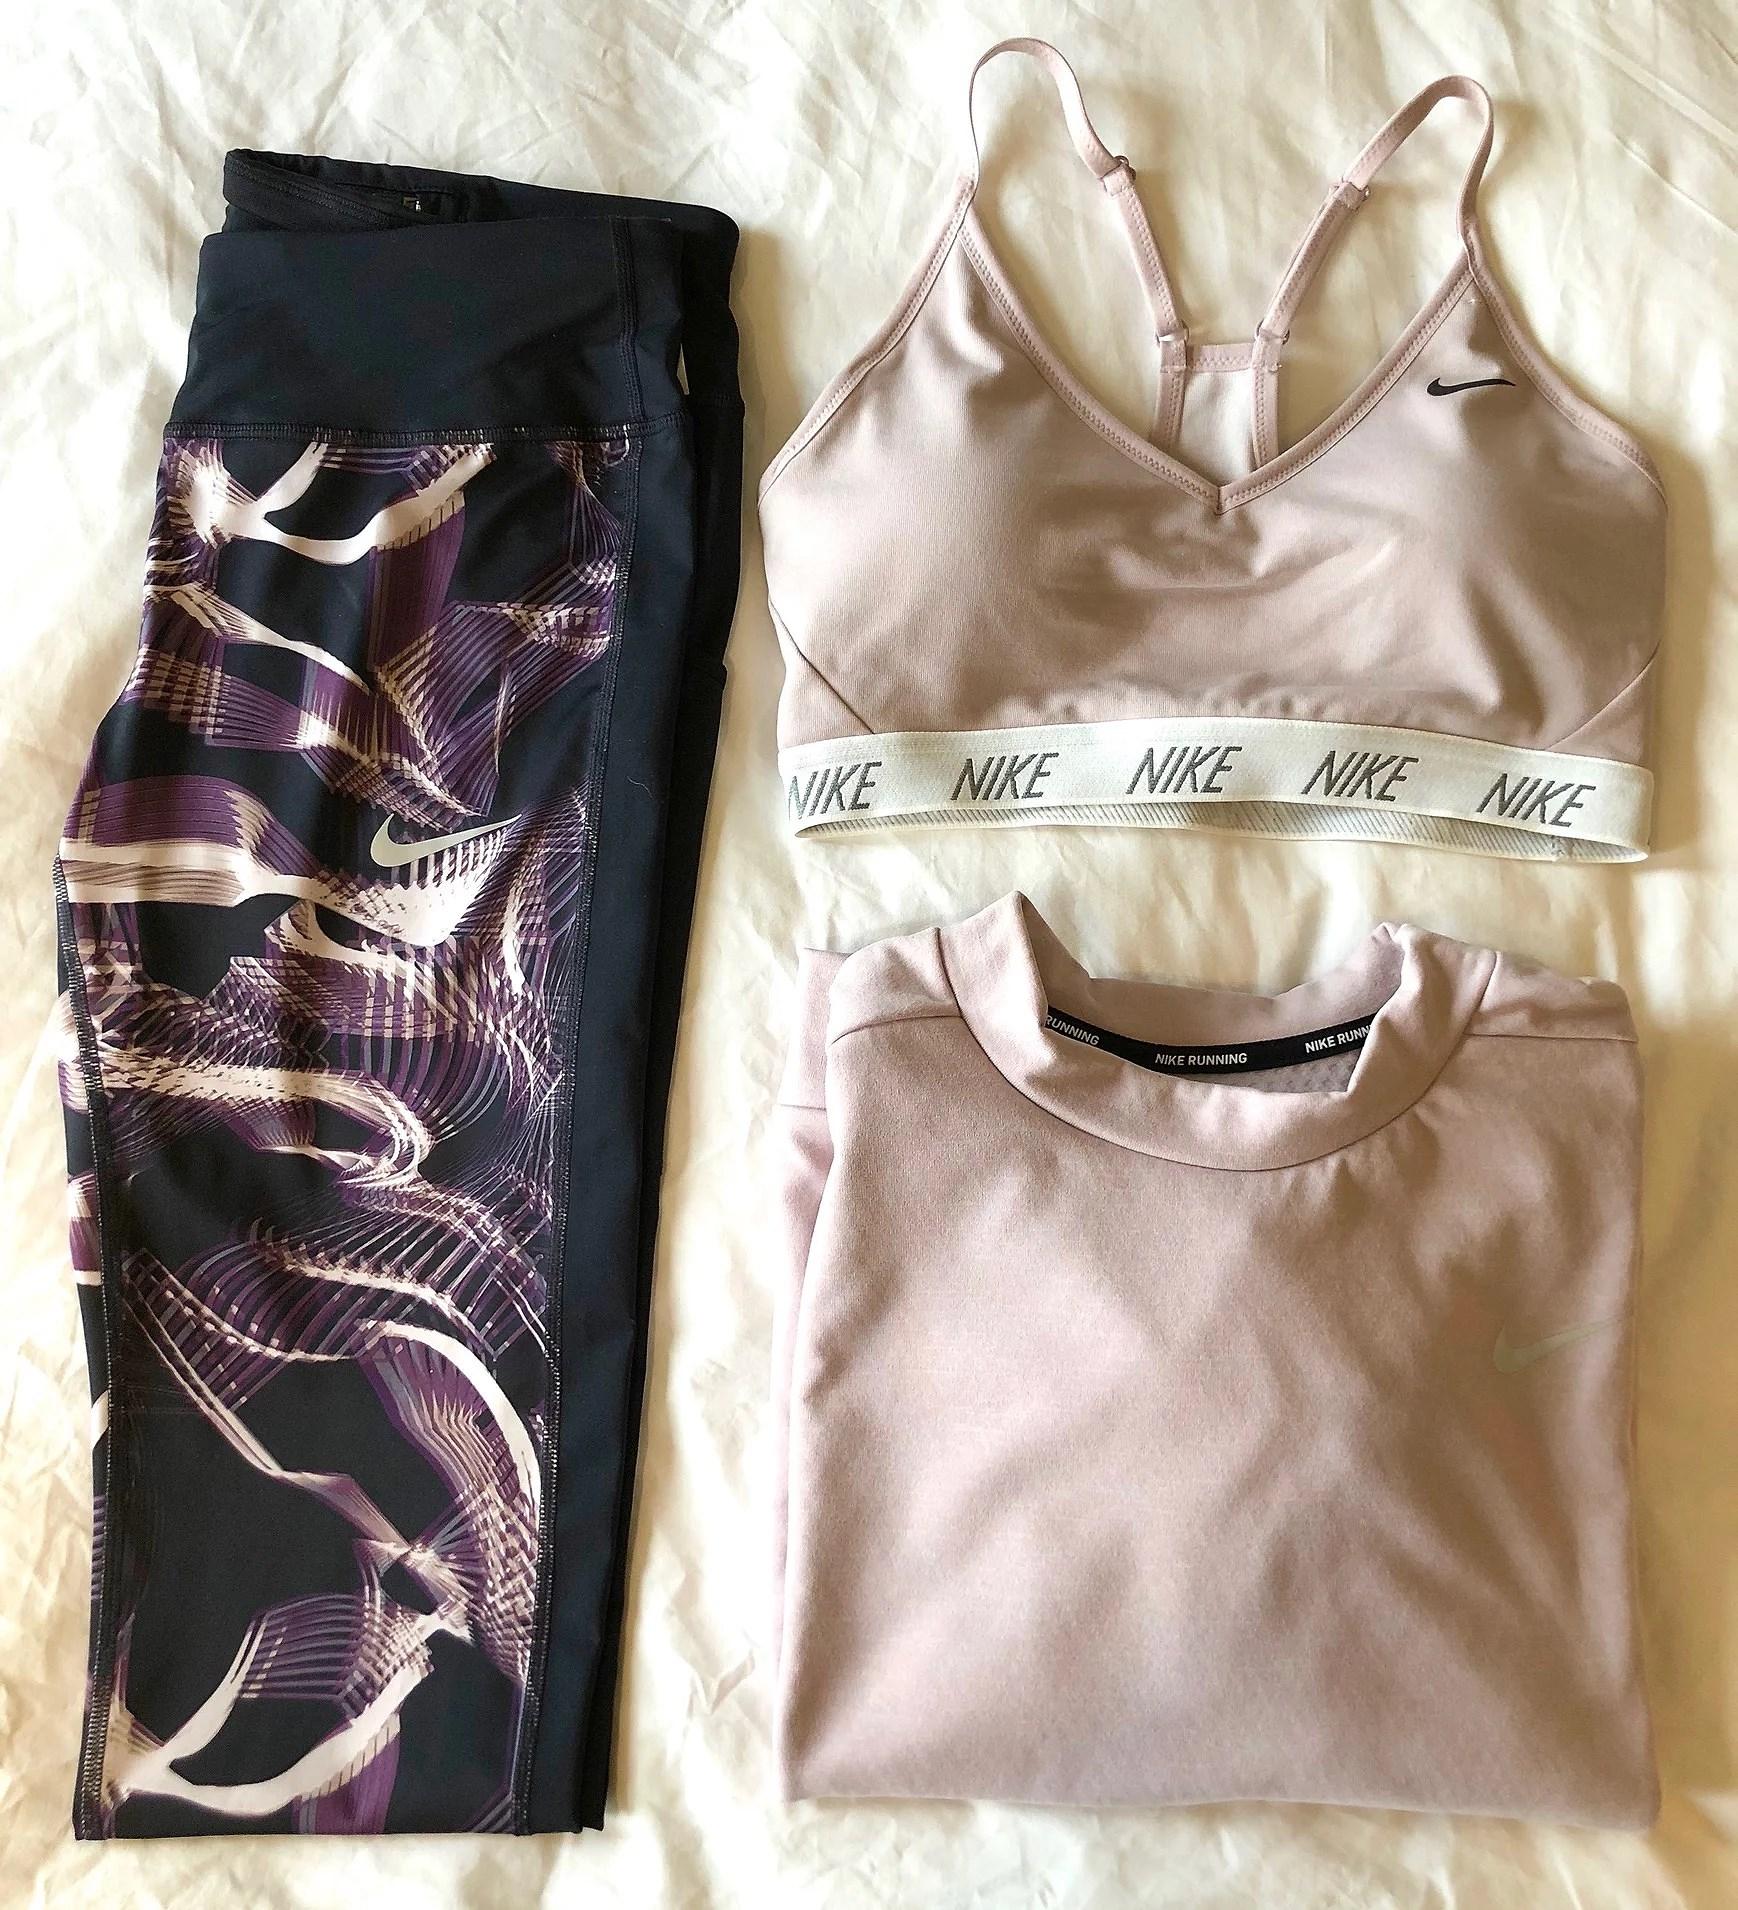 Nya träningskläder från Nike